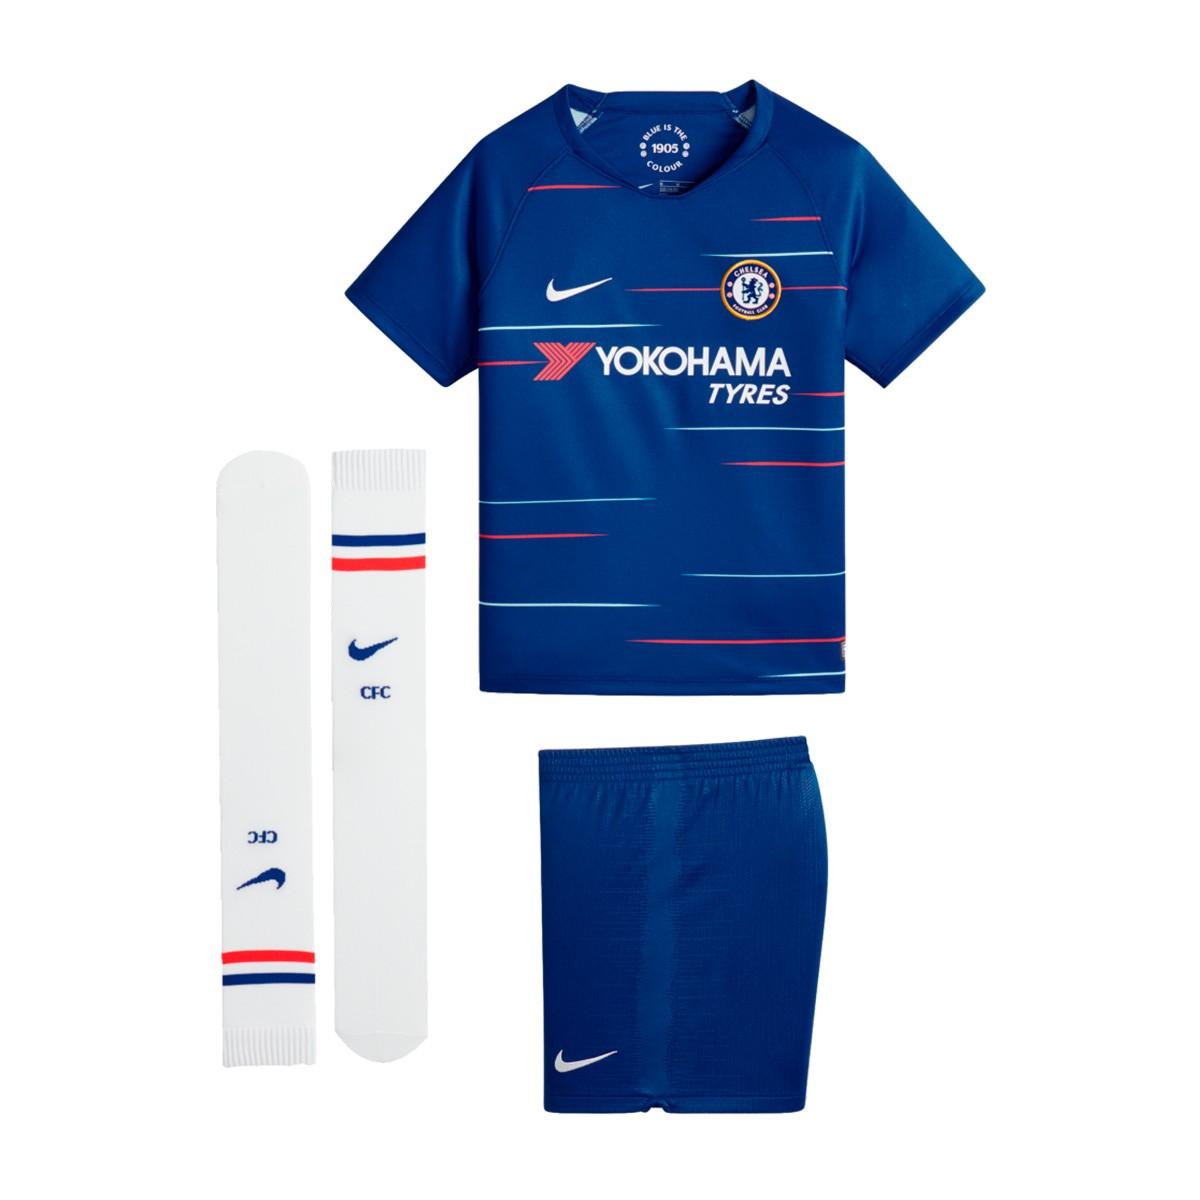 694ac70e894ca Conjunto Nike Chelsea FC Primera Equipación 2018-2019 Niño Rush blue-White  - Tienda de fútbol Fútbol Emotion